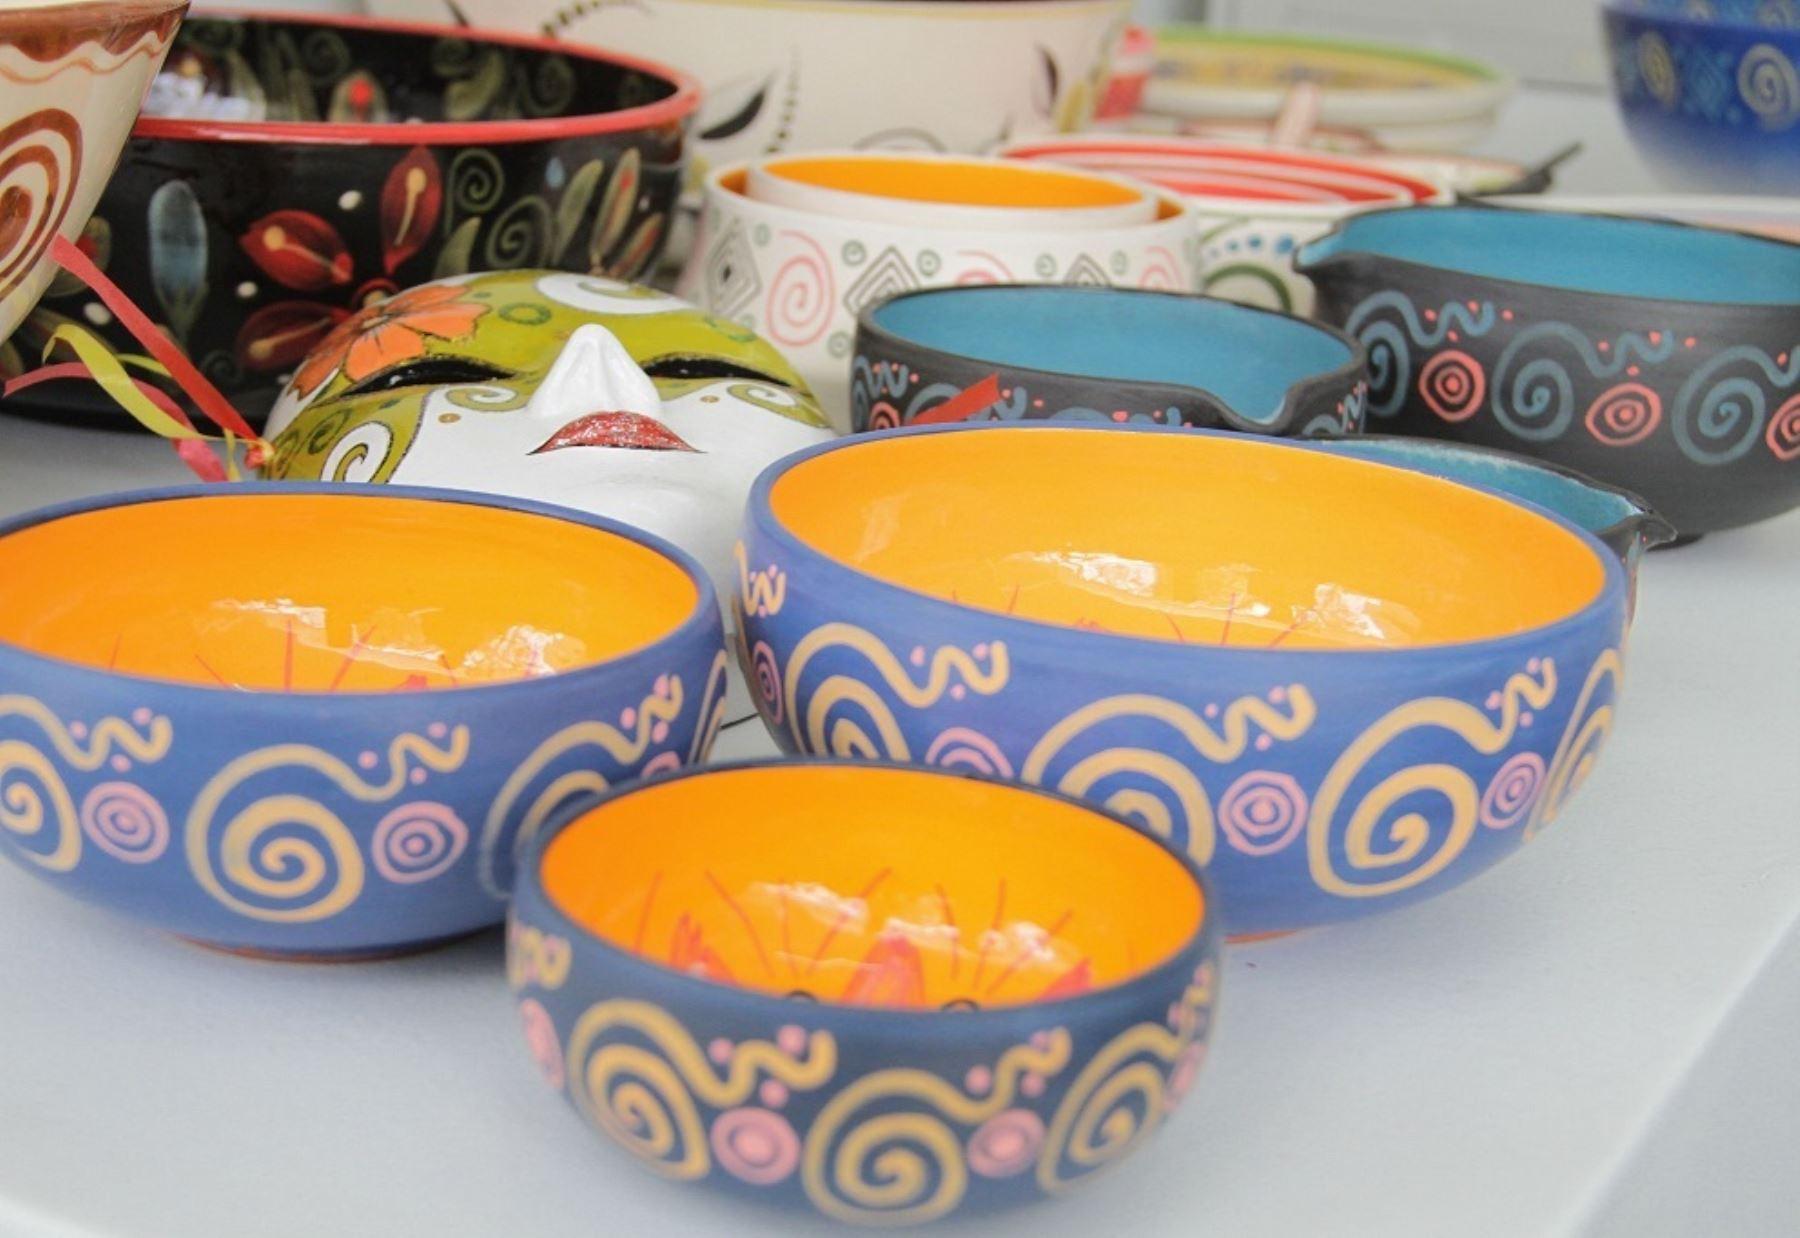 Artesanos presentan creaciones vinculadas a gastronomía en Feria Mistura. ANDINA/Difusión